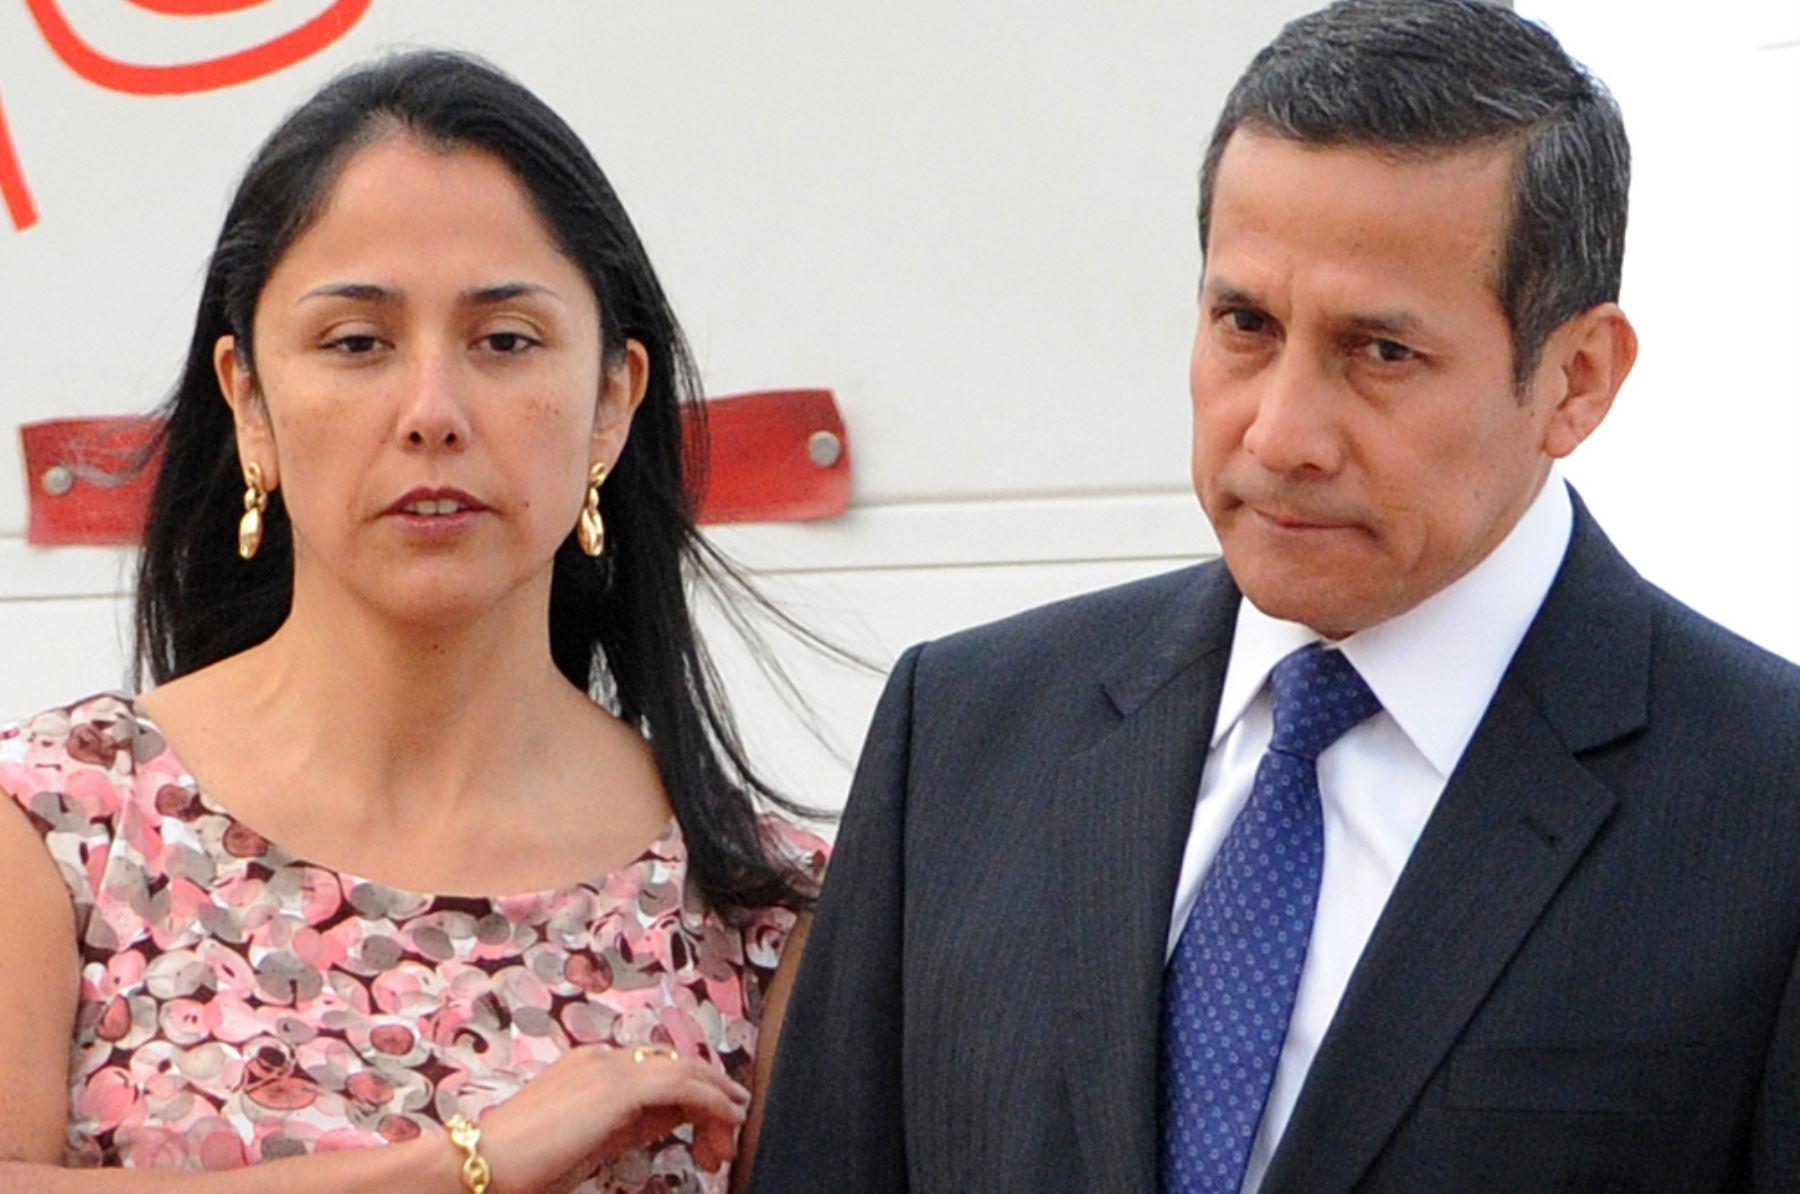 Juez pidió inhibirse ante recurso planteado por Ollanta Humala y su esposa